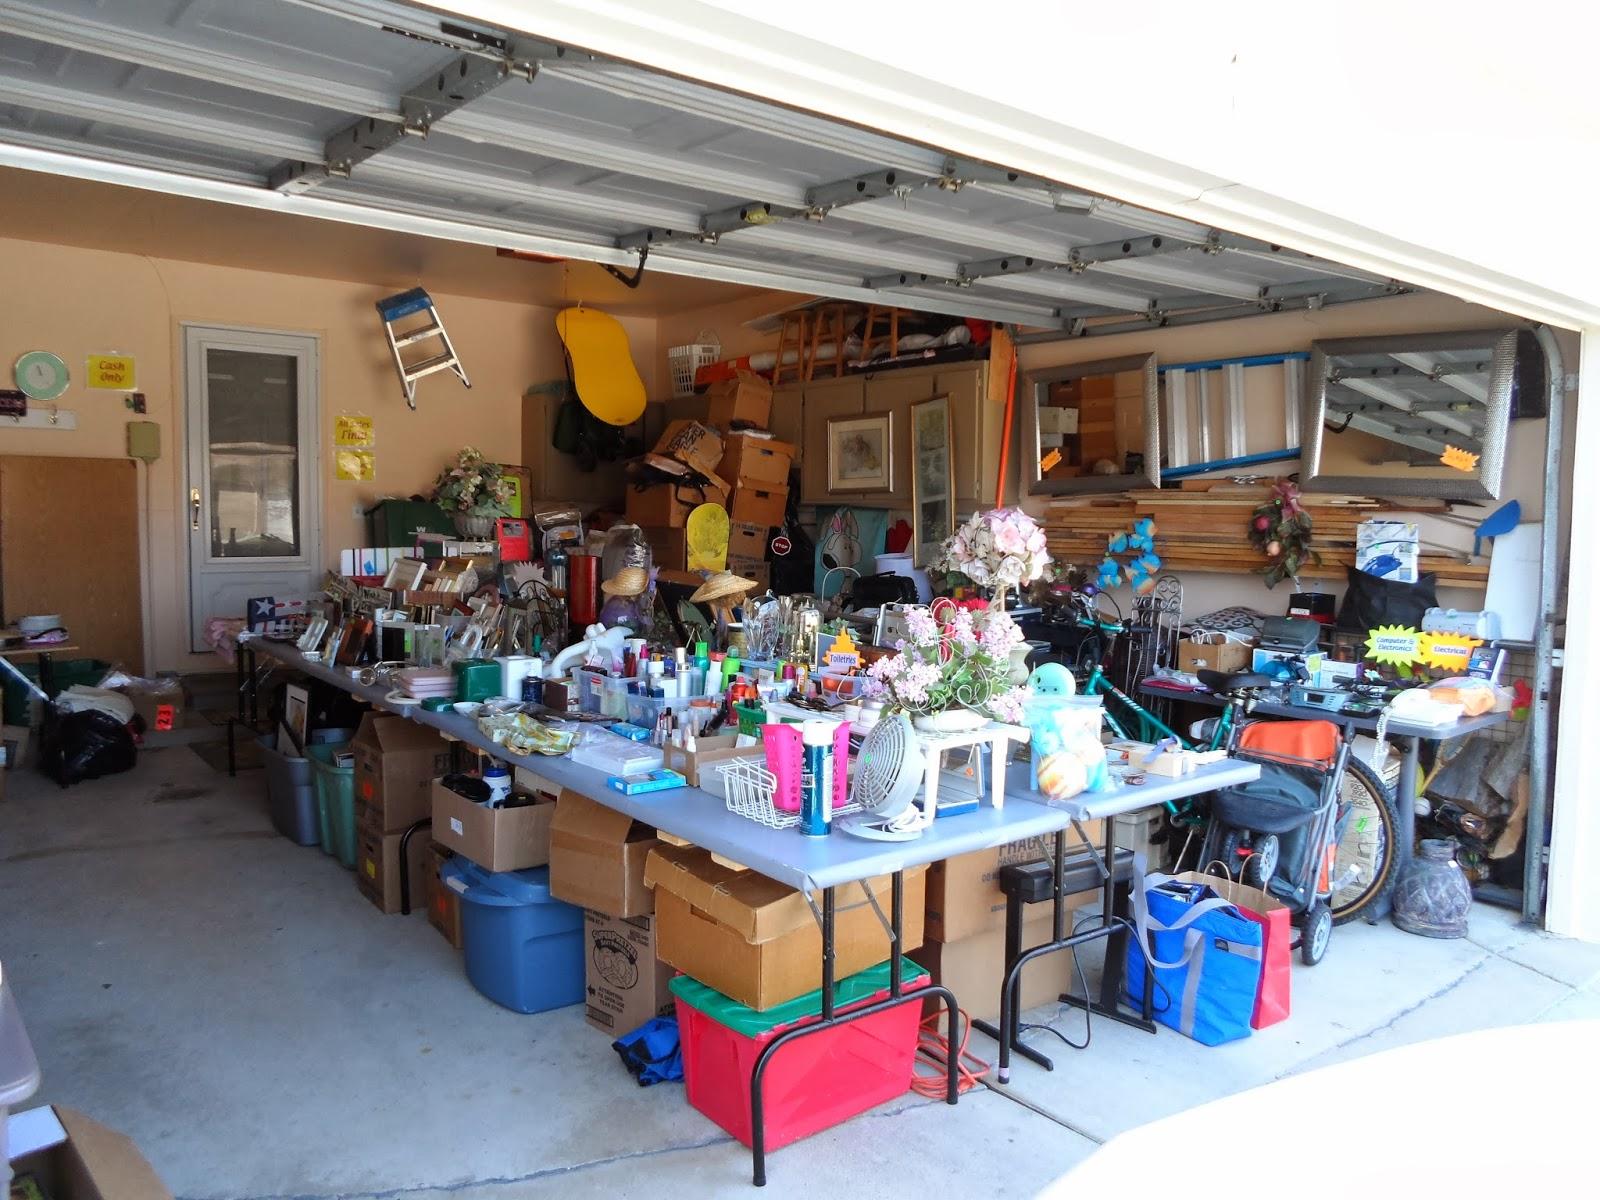 garage sale setup ideas - Garage $ale GrOOve Tips For Garage Sale Set Up Garage